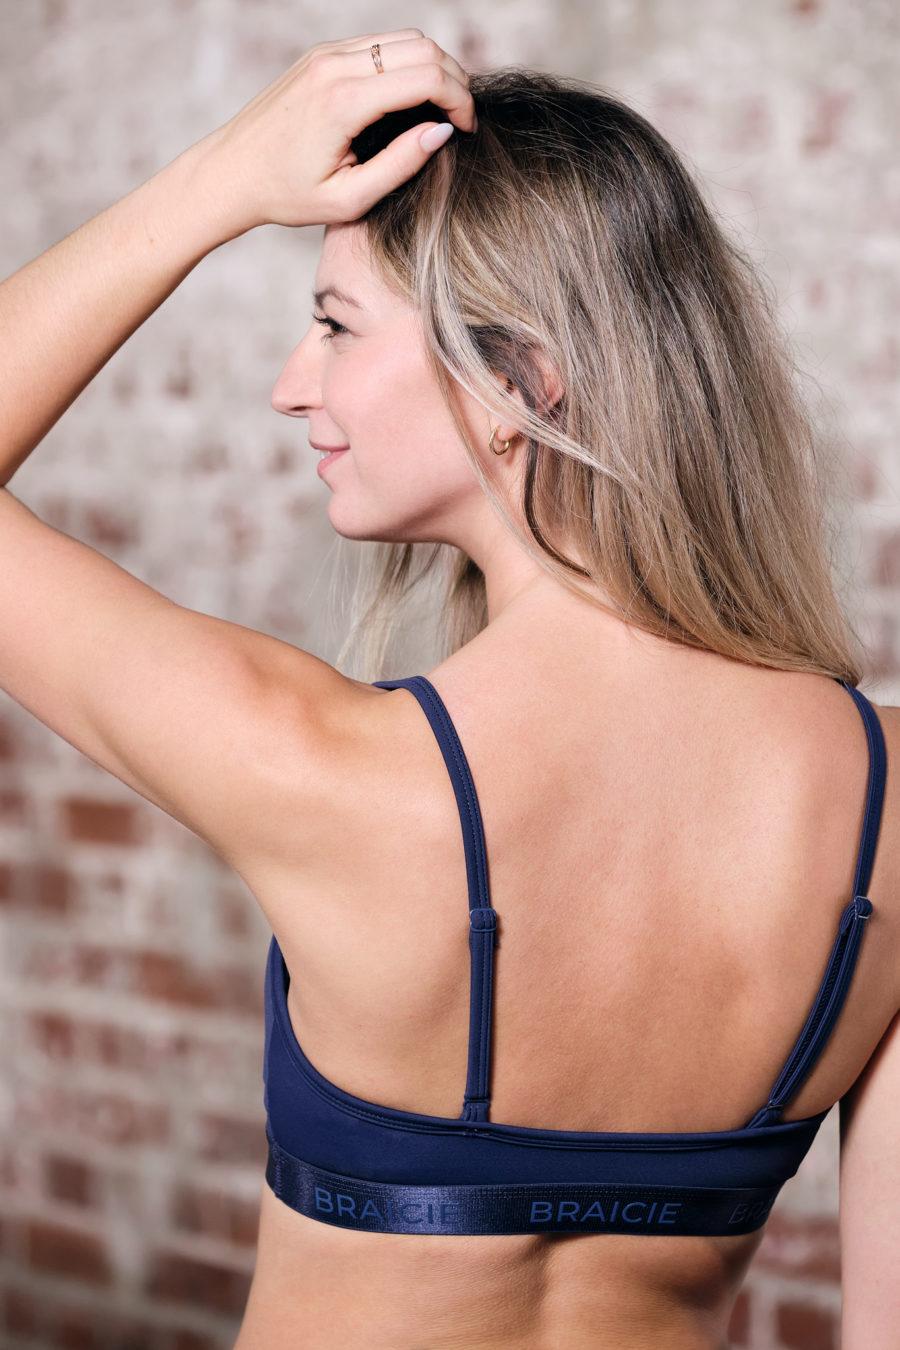 Rückenansicht einer Frau im BRAICIE Pure Sport-BH in blau